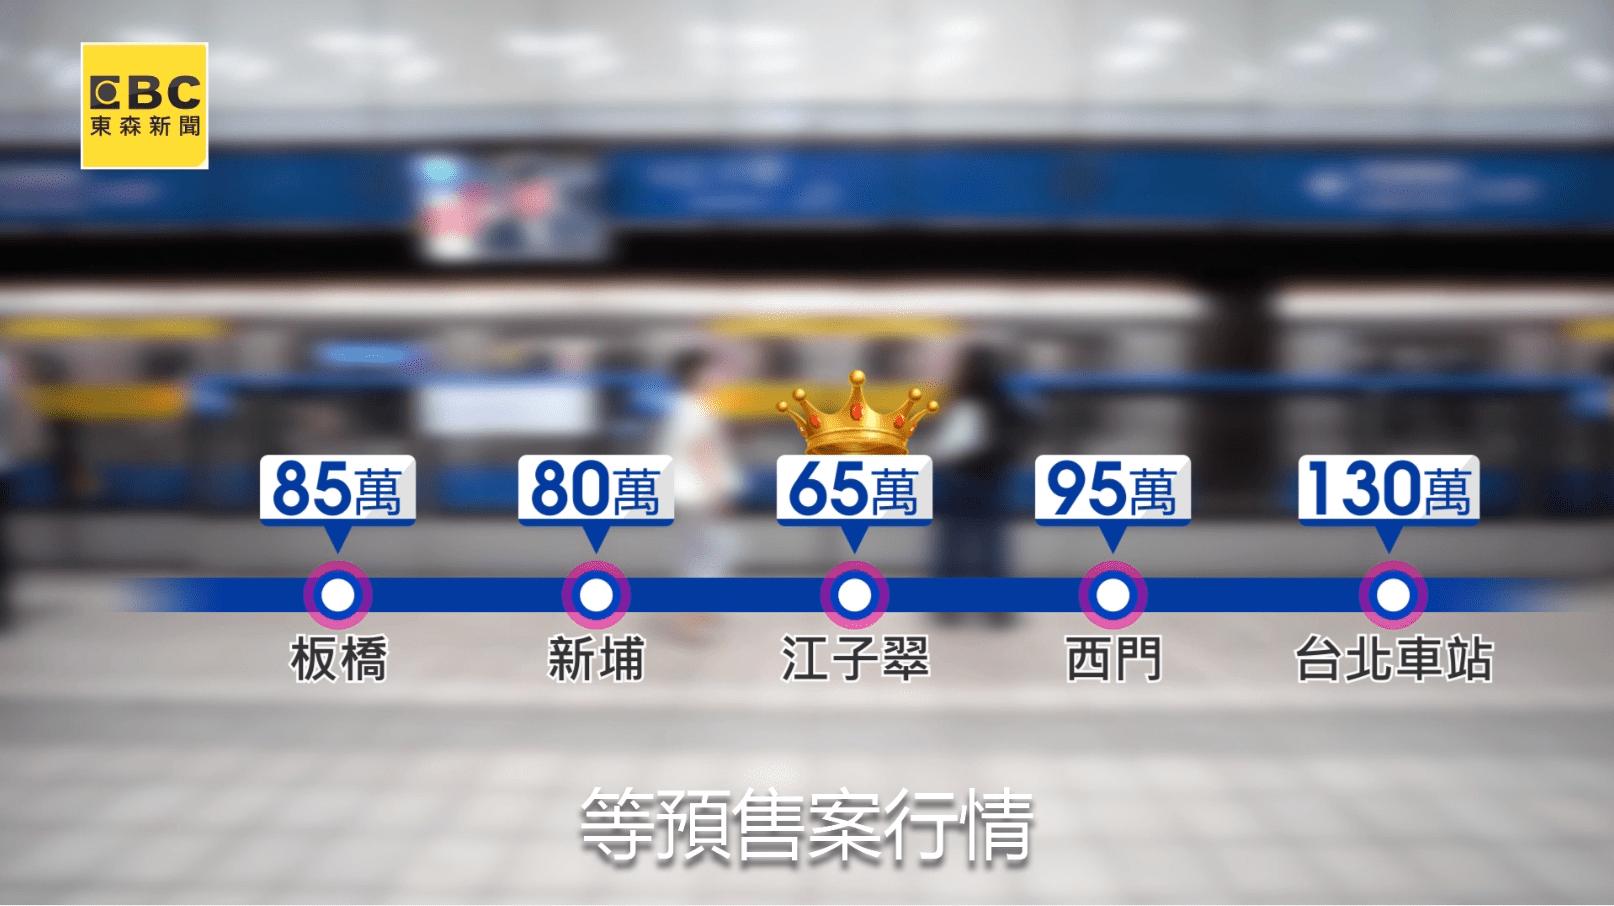 相較於前後捷運站,江子翠擁有房價上的優勢。